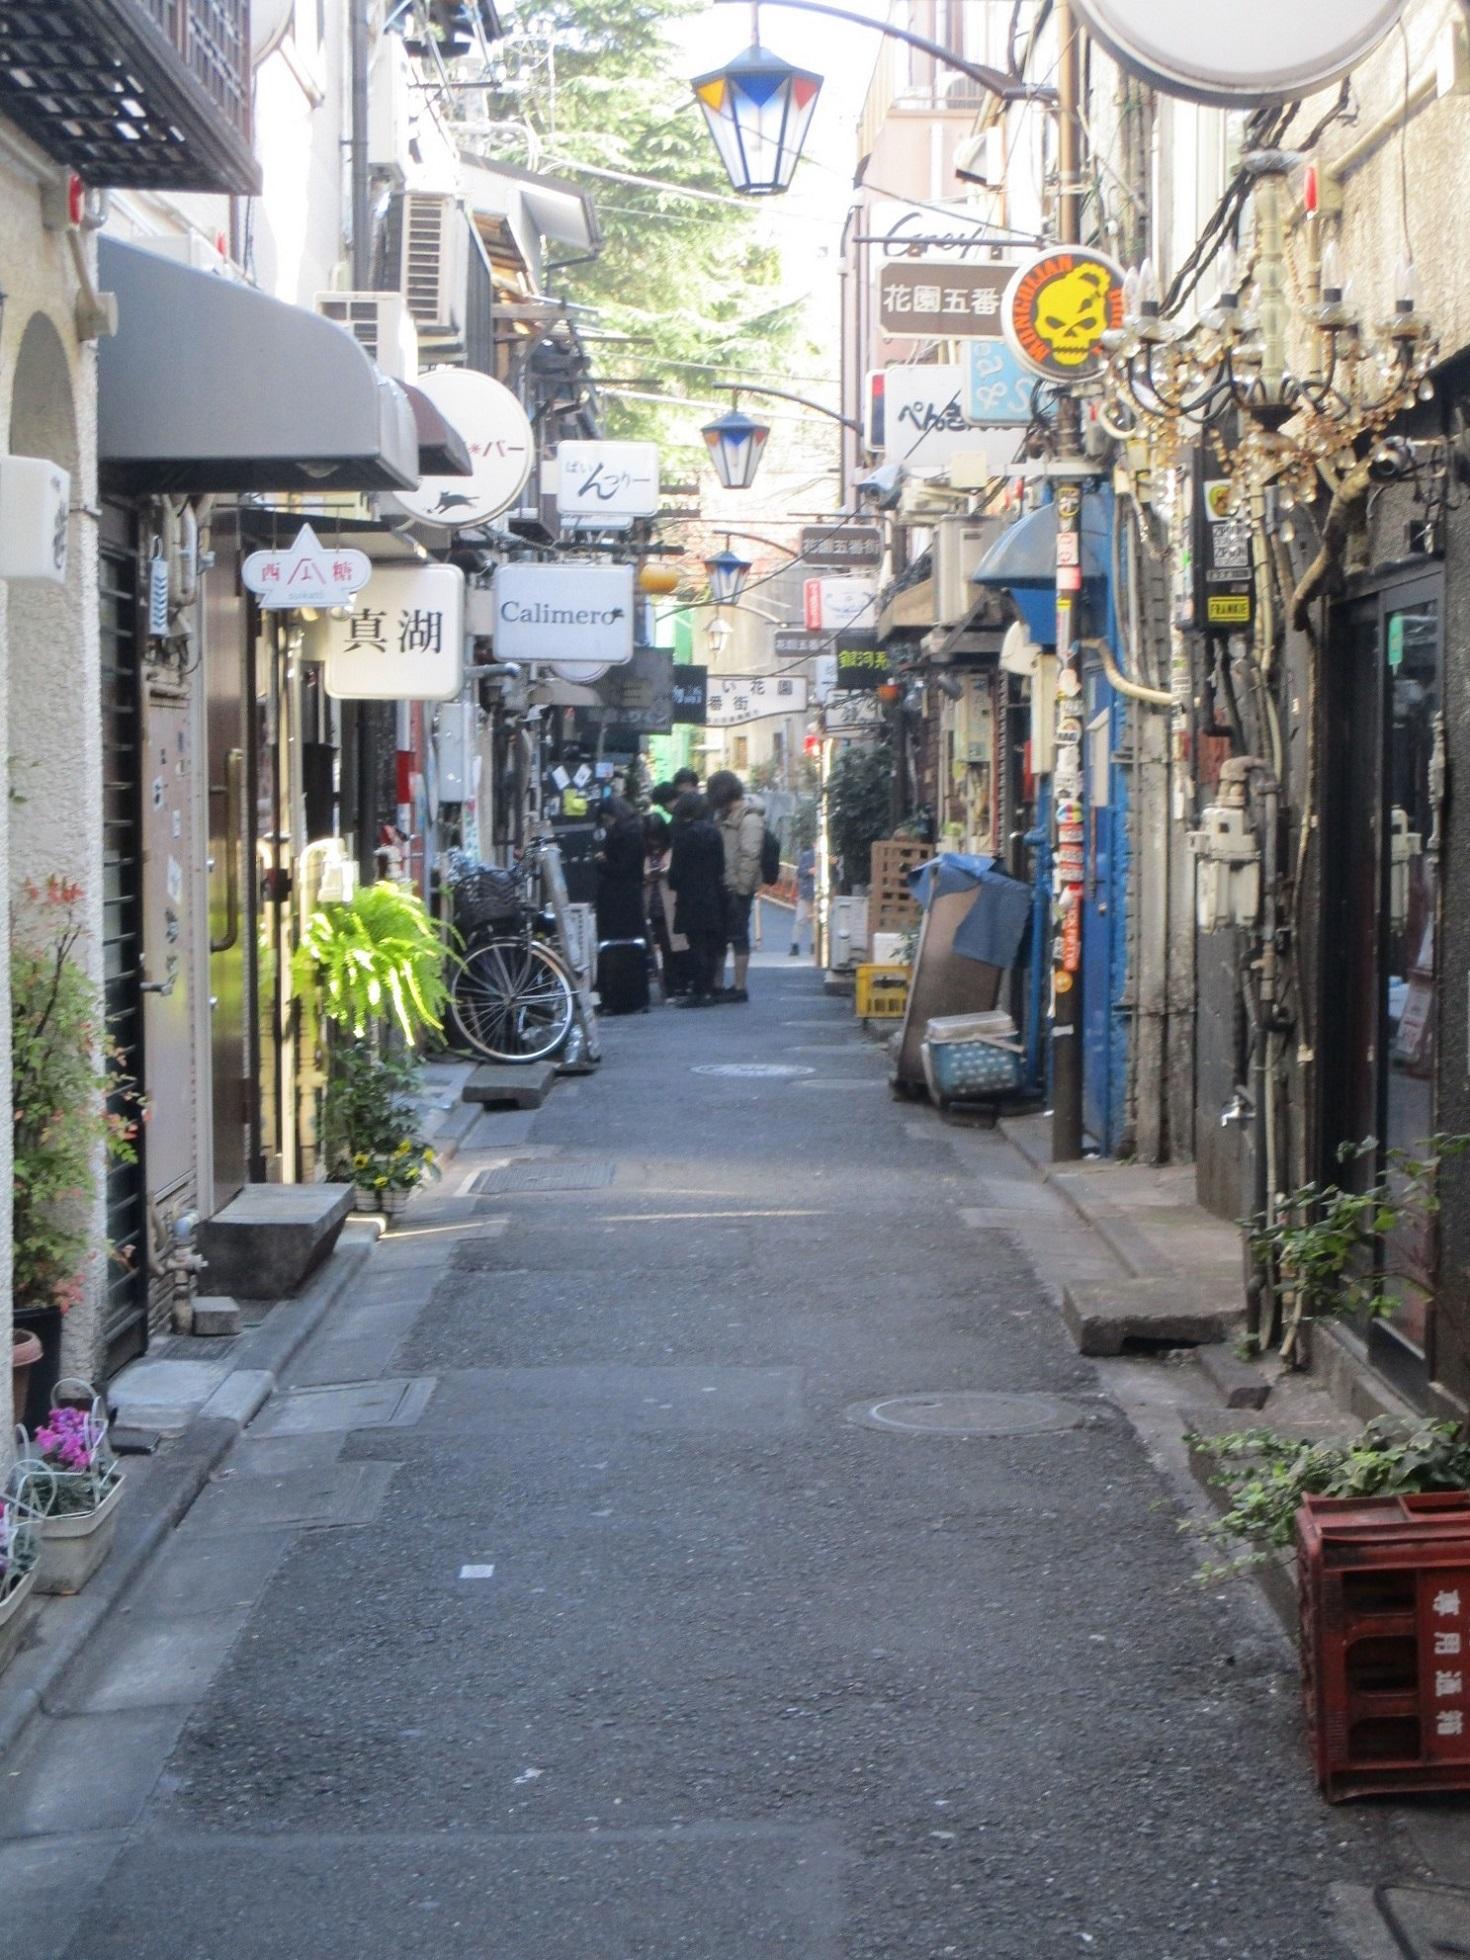 2019.12.16 (164) 新宿ゴールデン街 - あかるい花園五番街 1470-1960